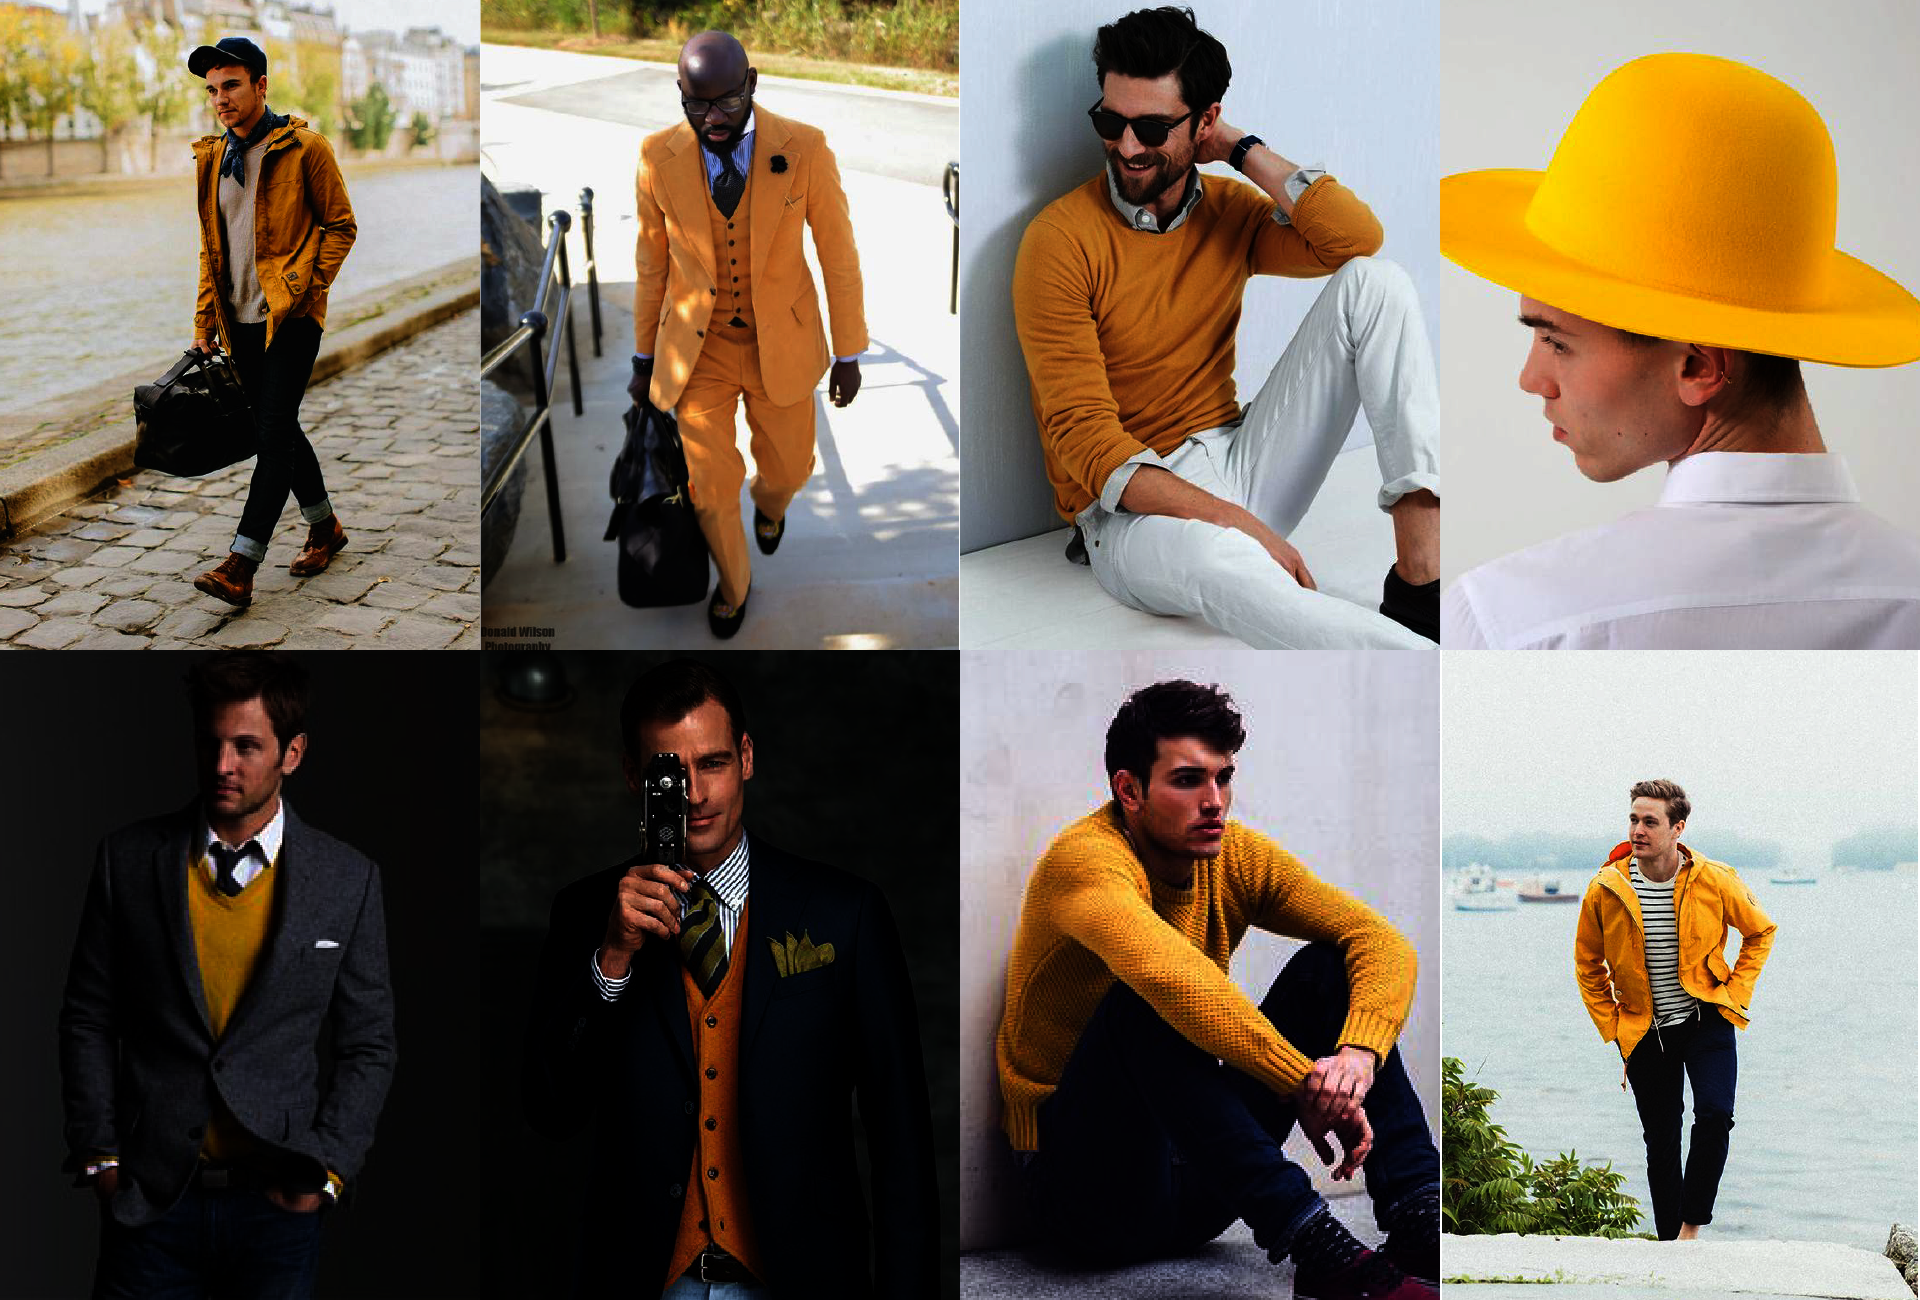 Łączenie kolorów - żółty - kolory pasujące do żółtego